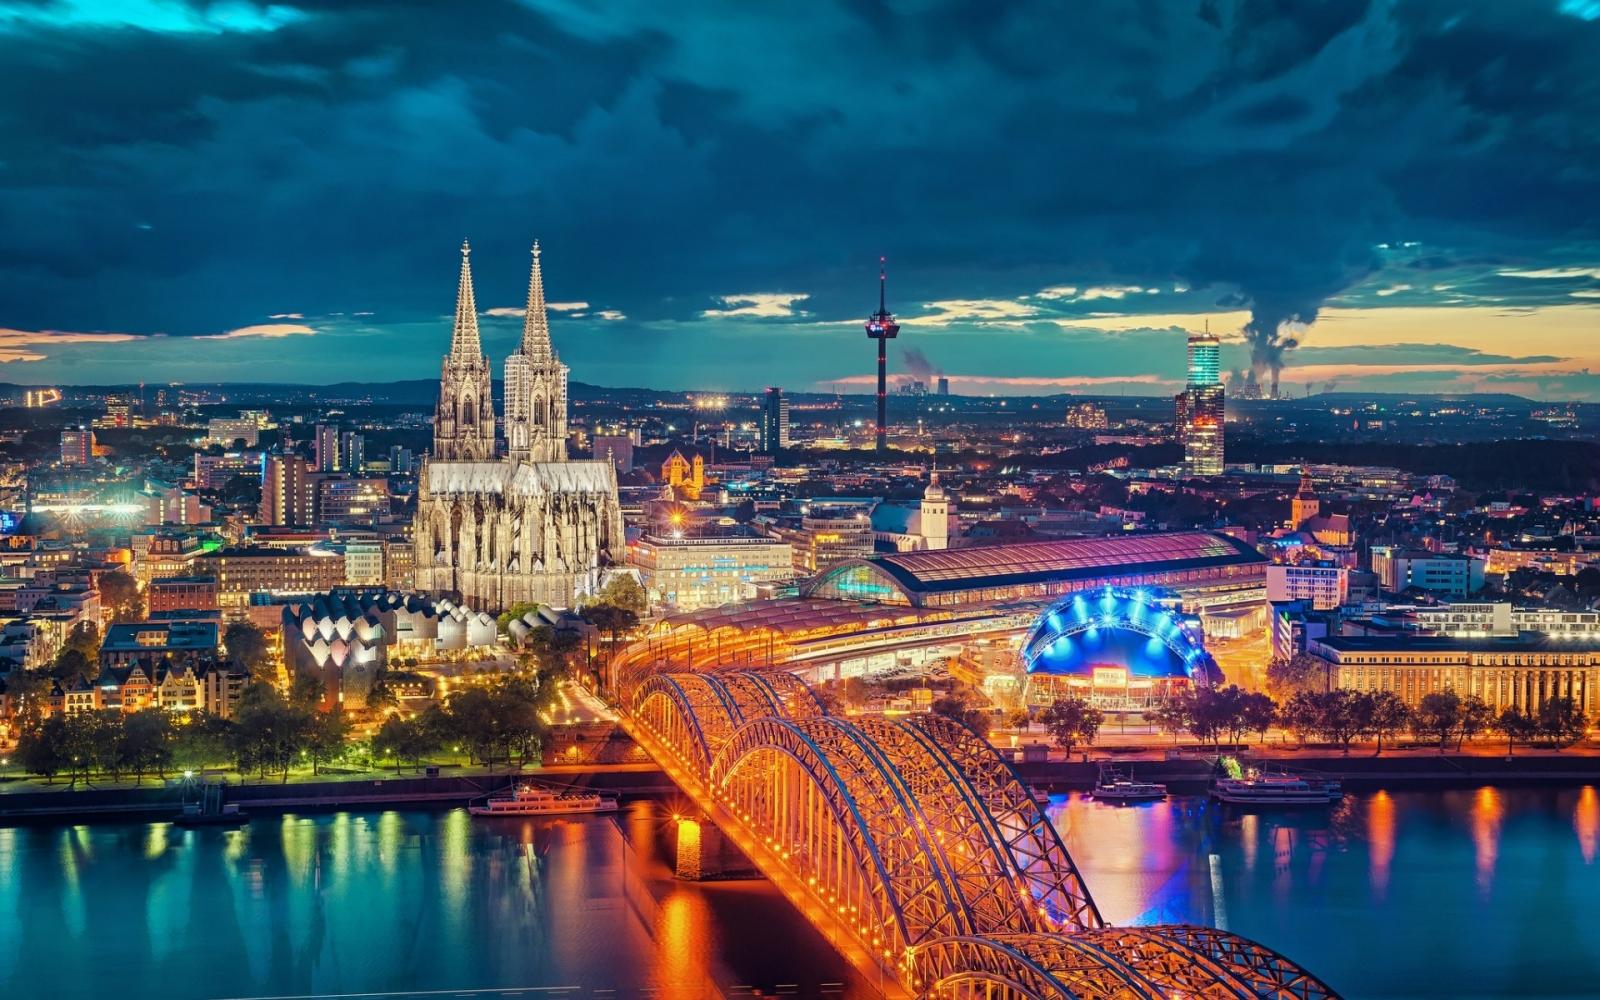 ده مکان مشهور گردشگری در آلمان